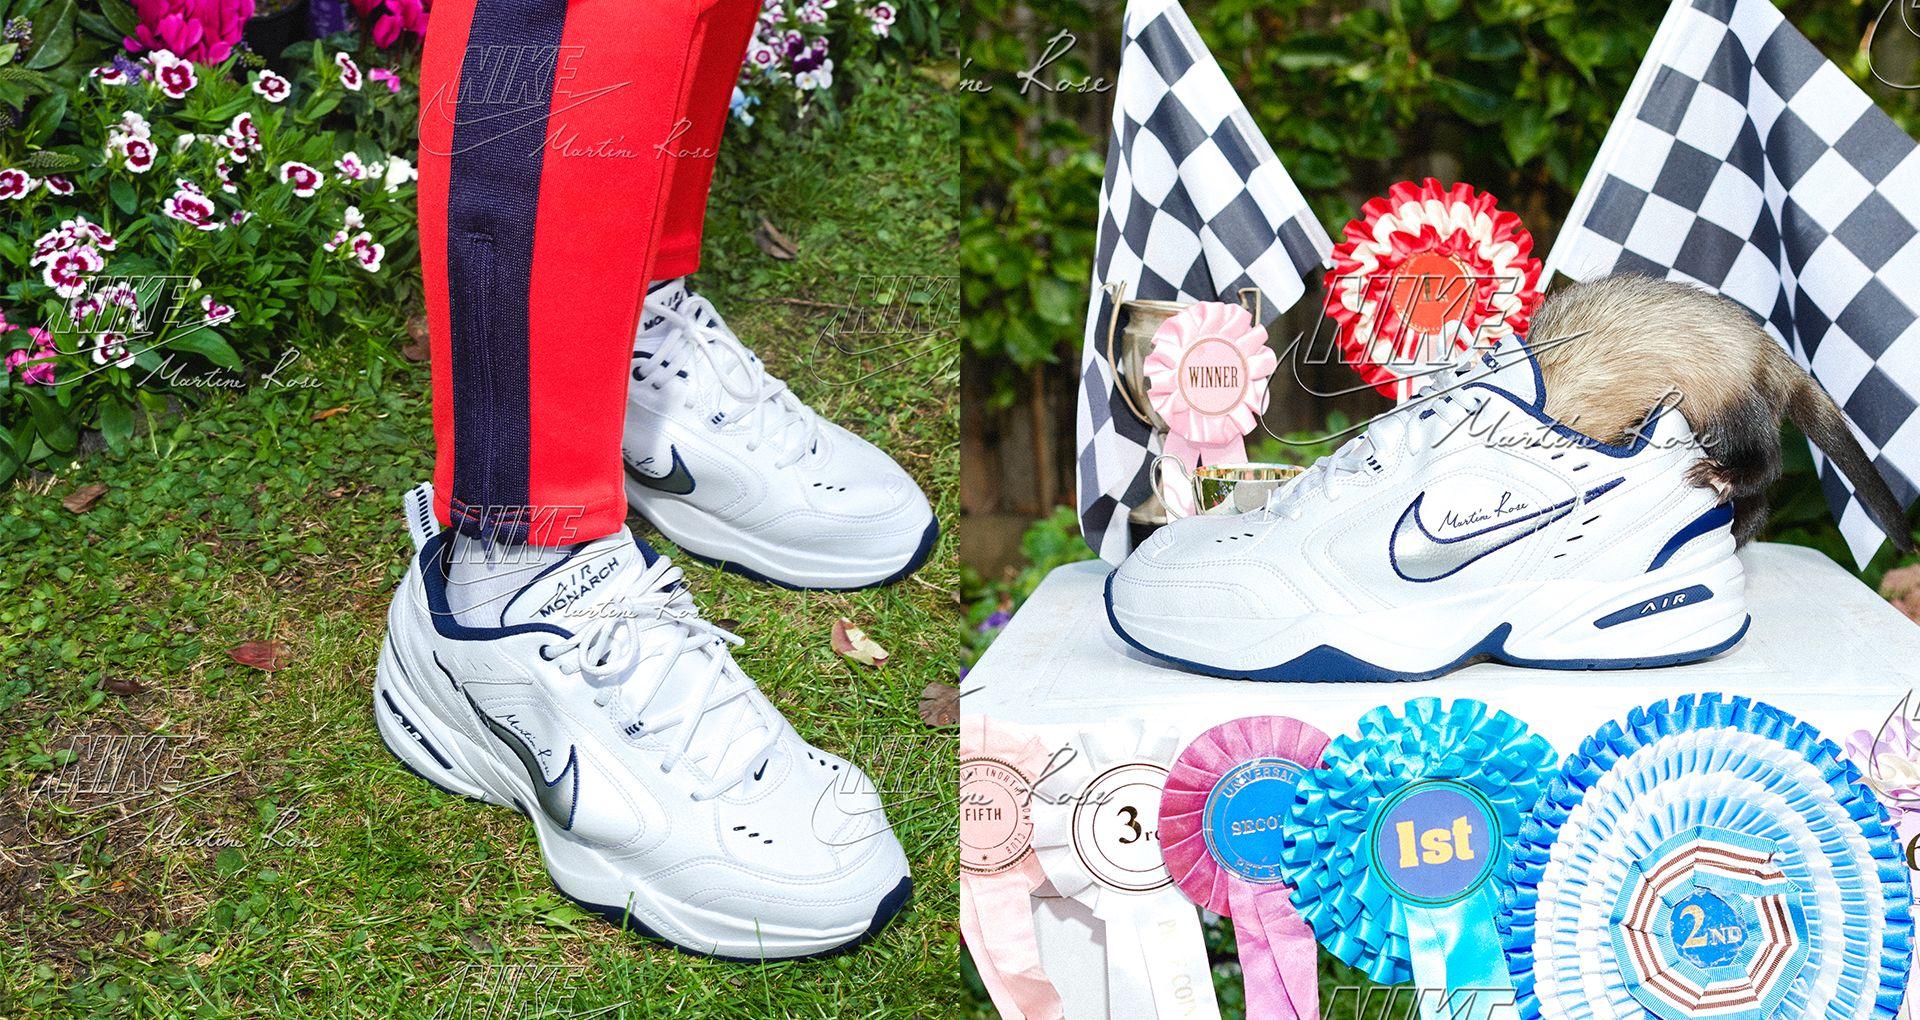 Nike Air Monarch de Martine Rose recebem lançamento alargado